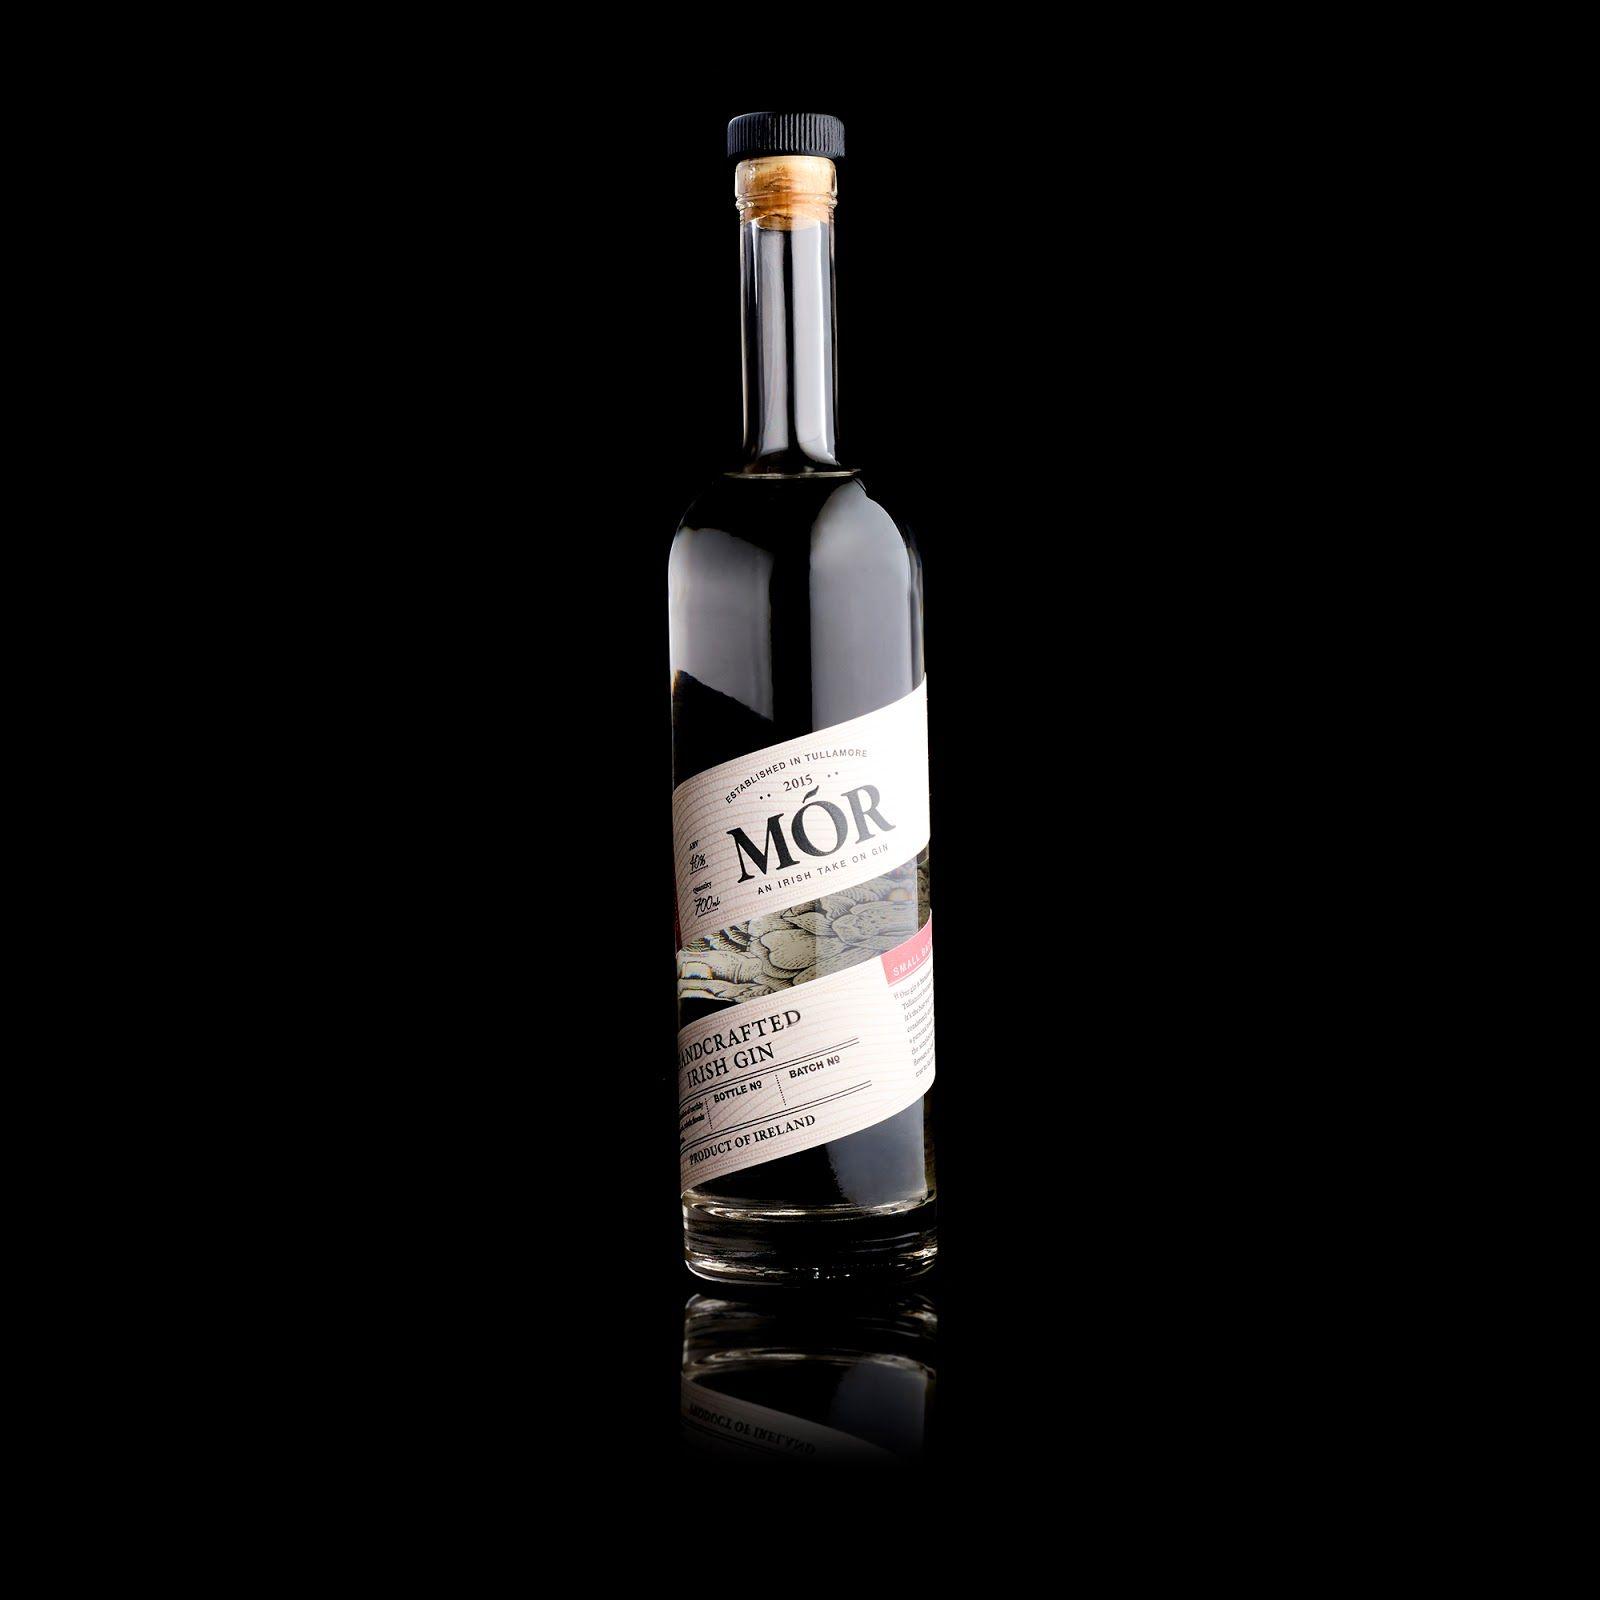 http://www.packagingoftheworld.com/2018/02/mor-gin.html?utm_source=feedburner&utm_medium=feed&utm_campaign=Feed%3A+packagingsoftheworld+%28Packagings+of+the+World%29